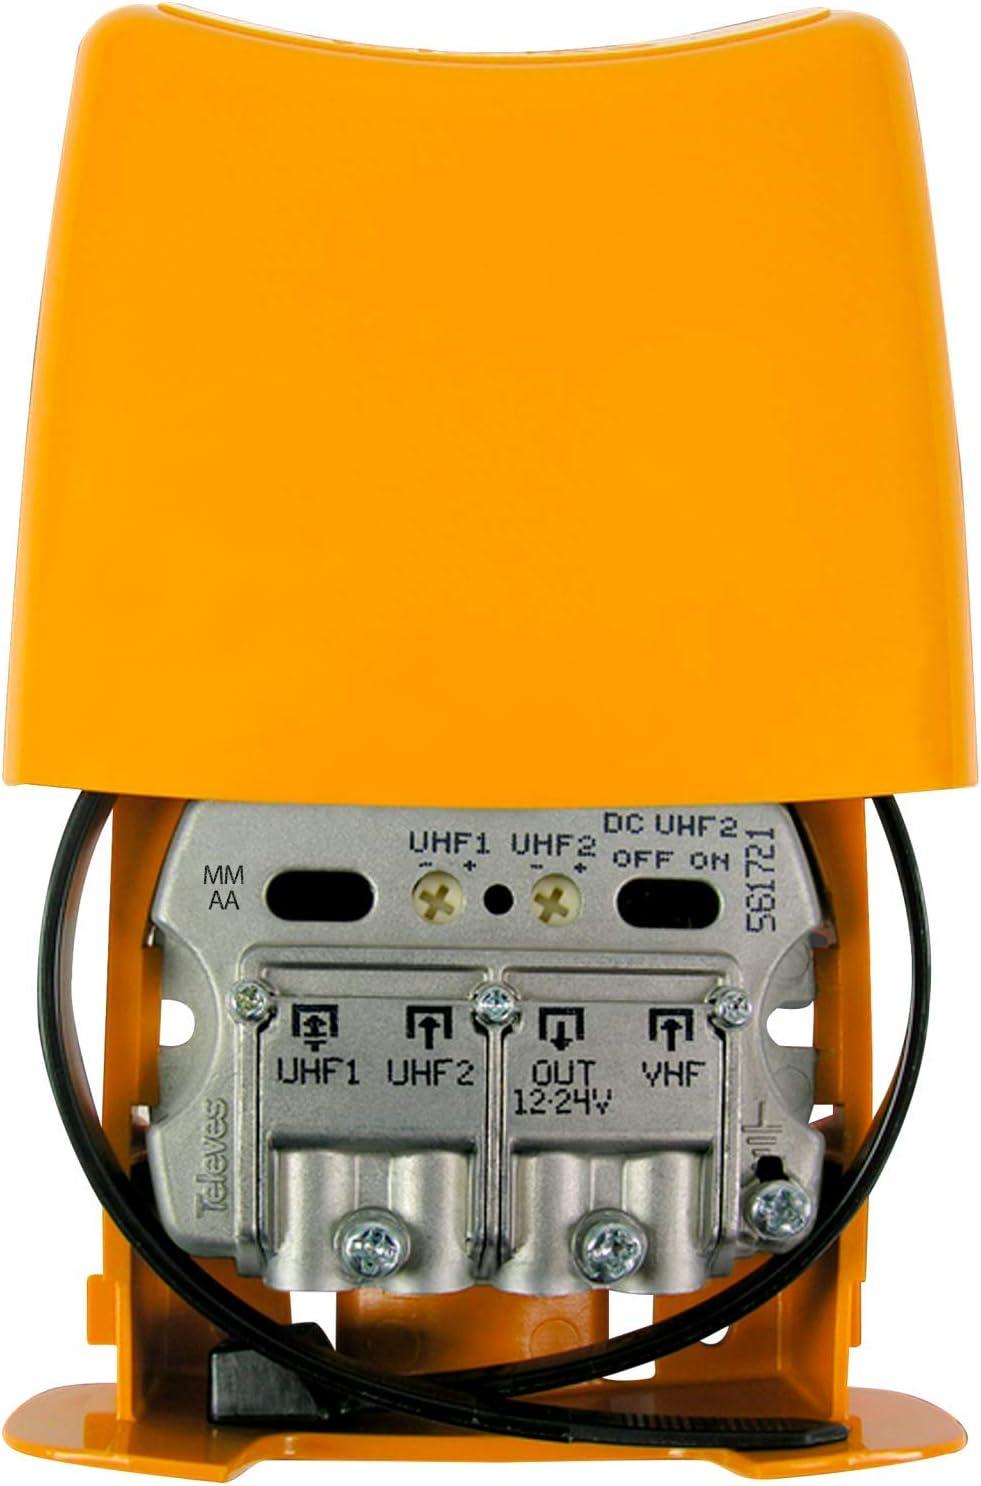 Televes Amplificador Mastil 28db 3e UHF-UHF-vhfmix Lte790 Nanokom 561721. Filtrado para LTE2 5G. Mezcla de Antena parabolica usando Fuente 5796.